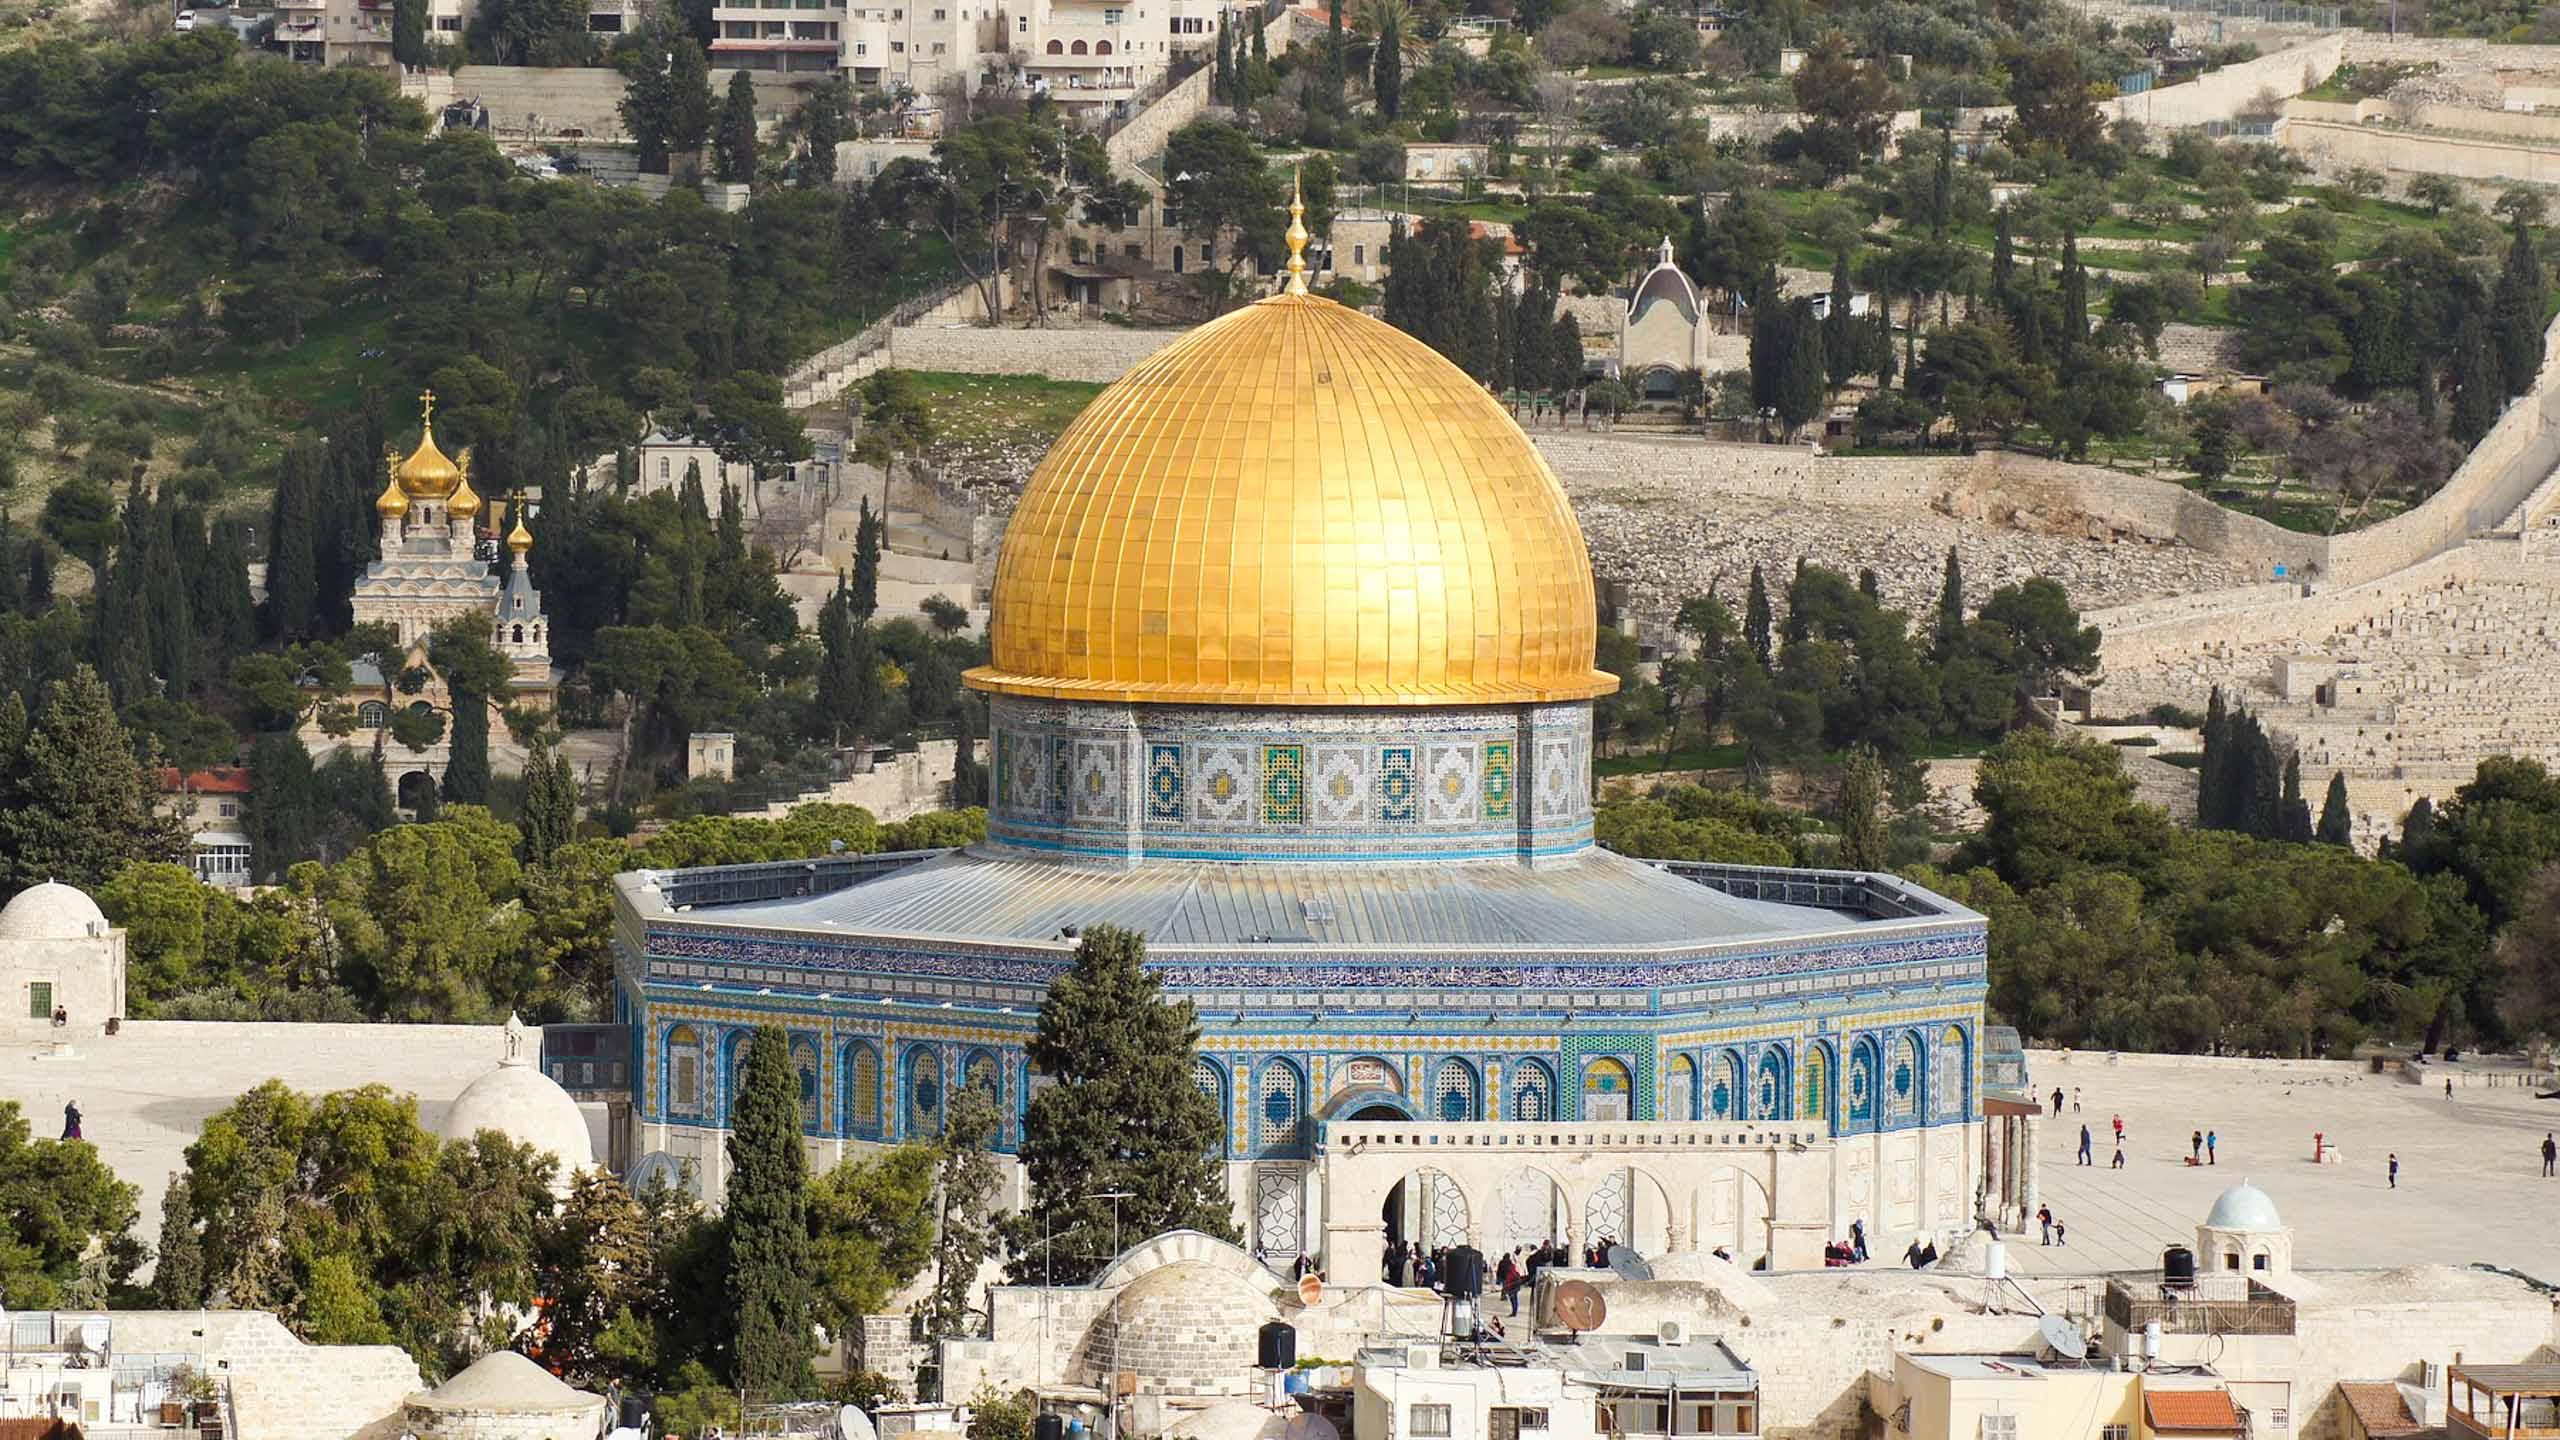 Golden dome in Jerusalem, Israel